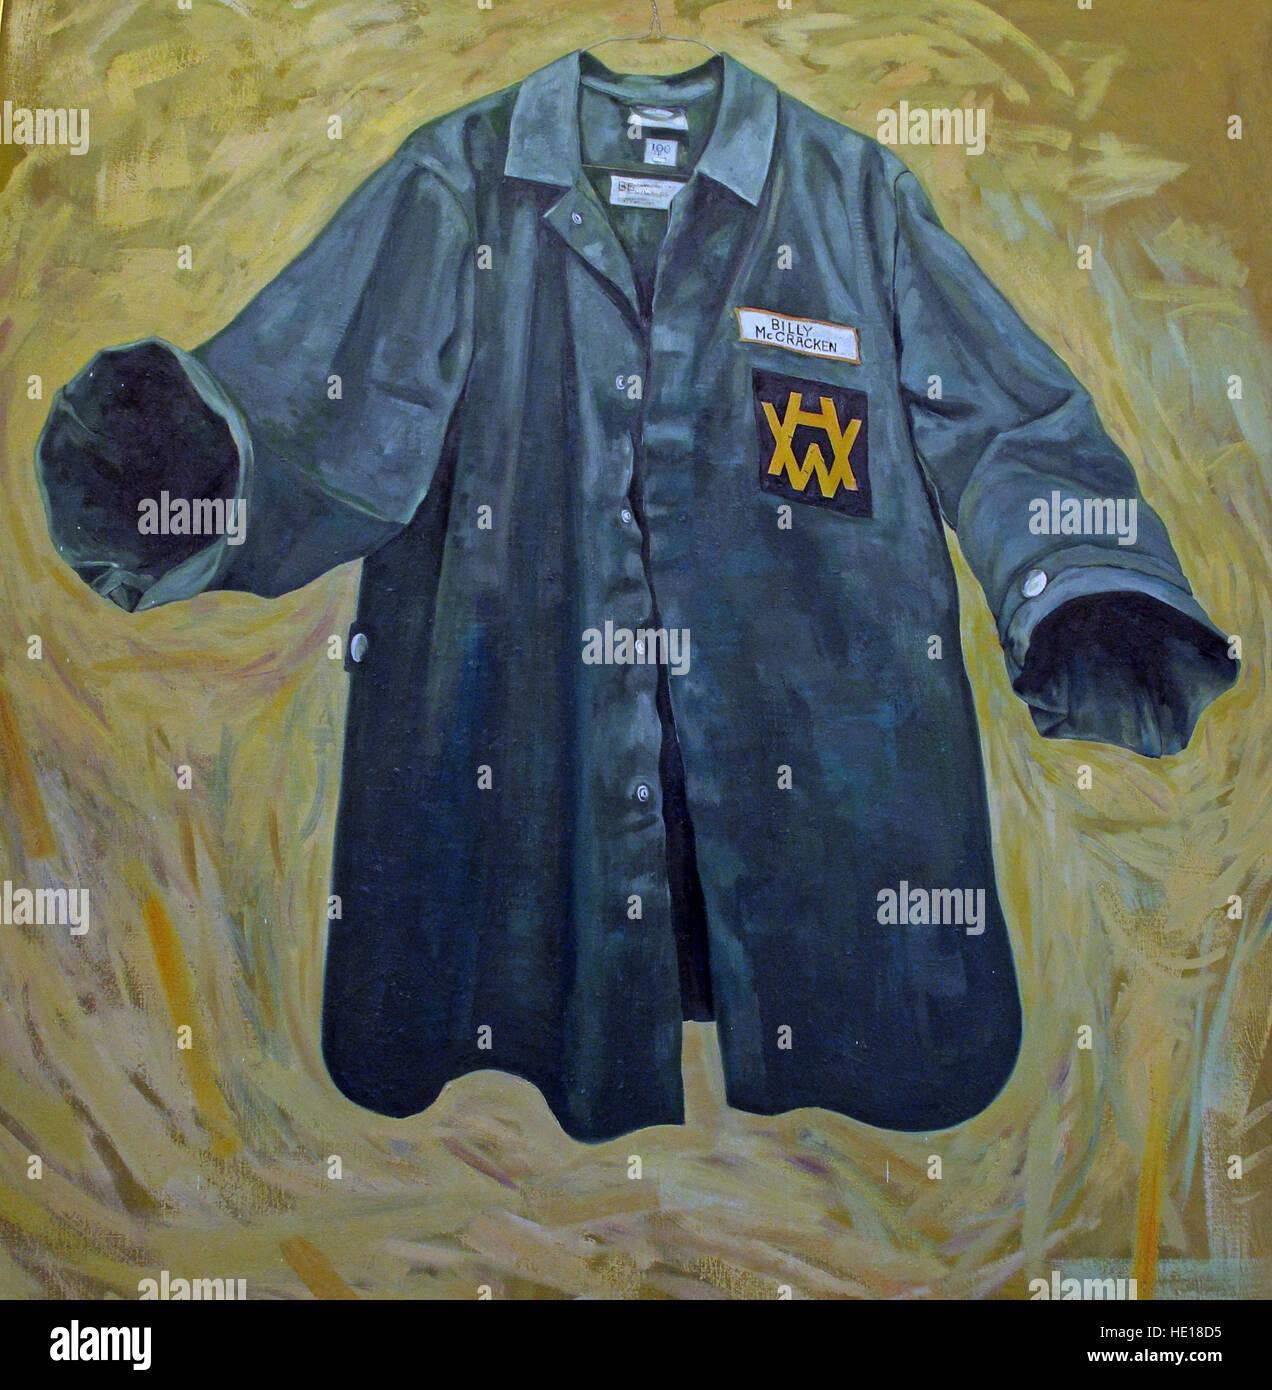 Harland & Wolff blue shirt, Billy McCracken - Marine Sales Manager artwork, Belfast, Northern Ireland, UK - Stock Image